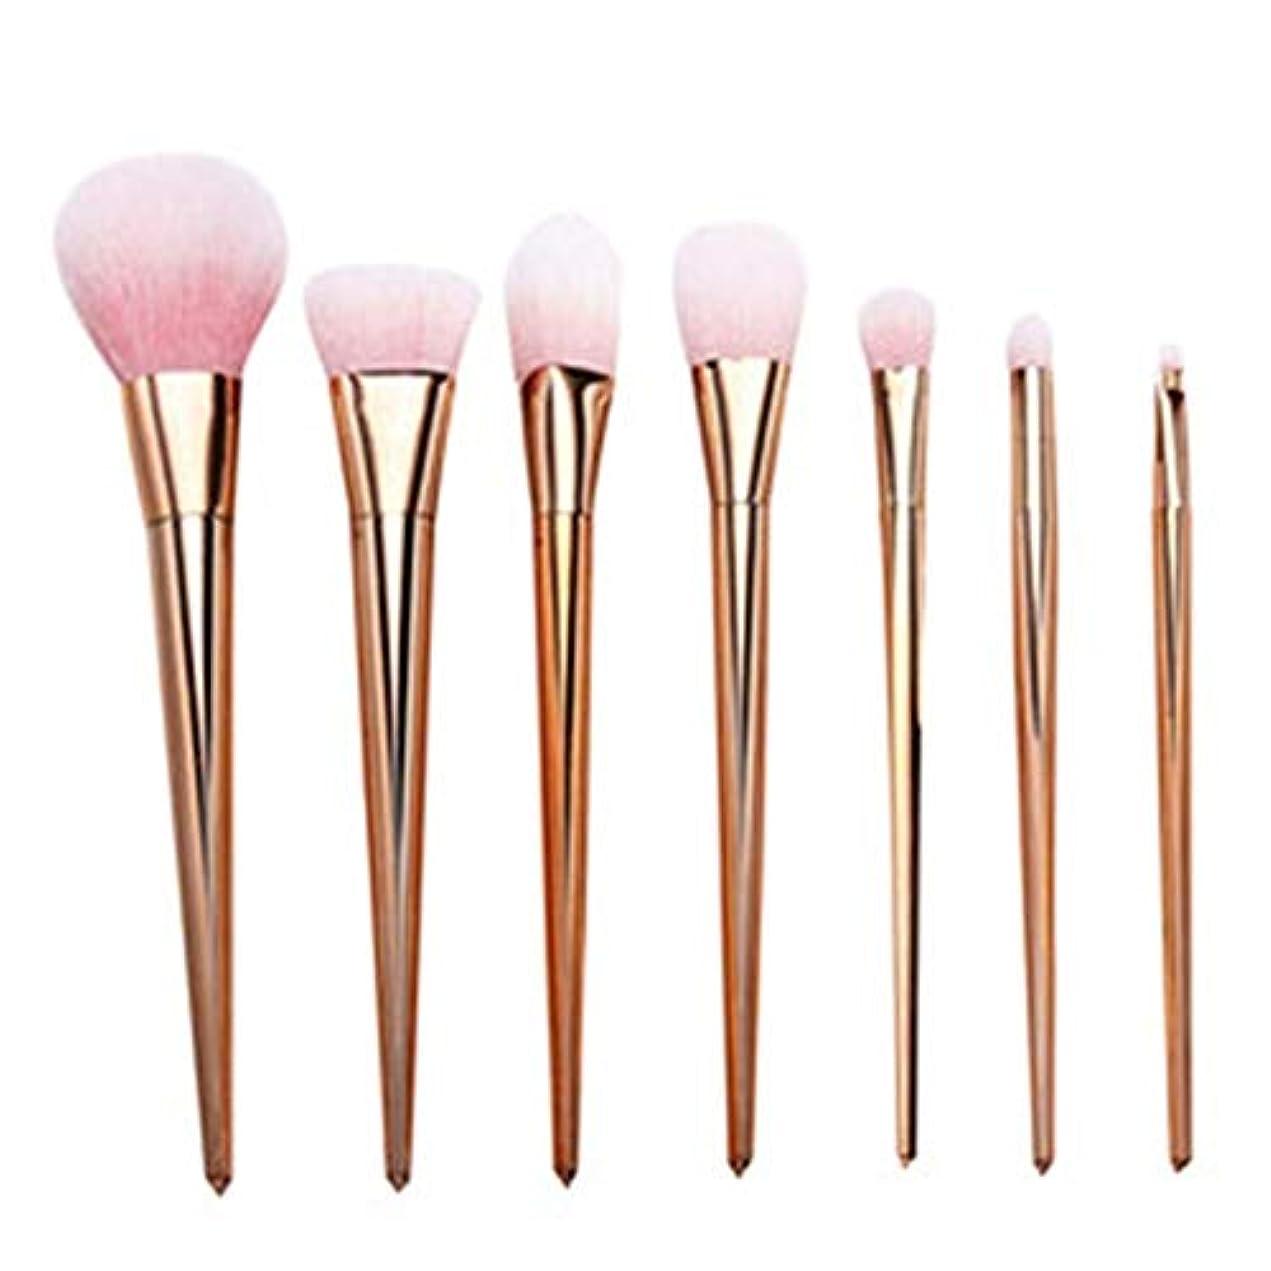 ホームいつ見るプロ メイクブラシ 化粧筆 シリーズ 化粧ブラシセット 高級タクロン 超柔らかい 可愛い リップブラシツール 7本セット (Color : Rose Gold)